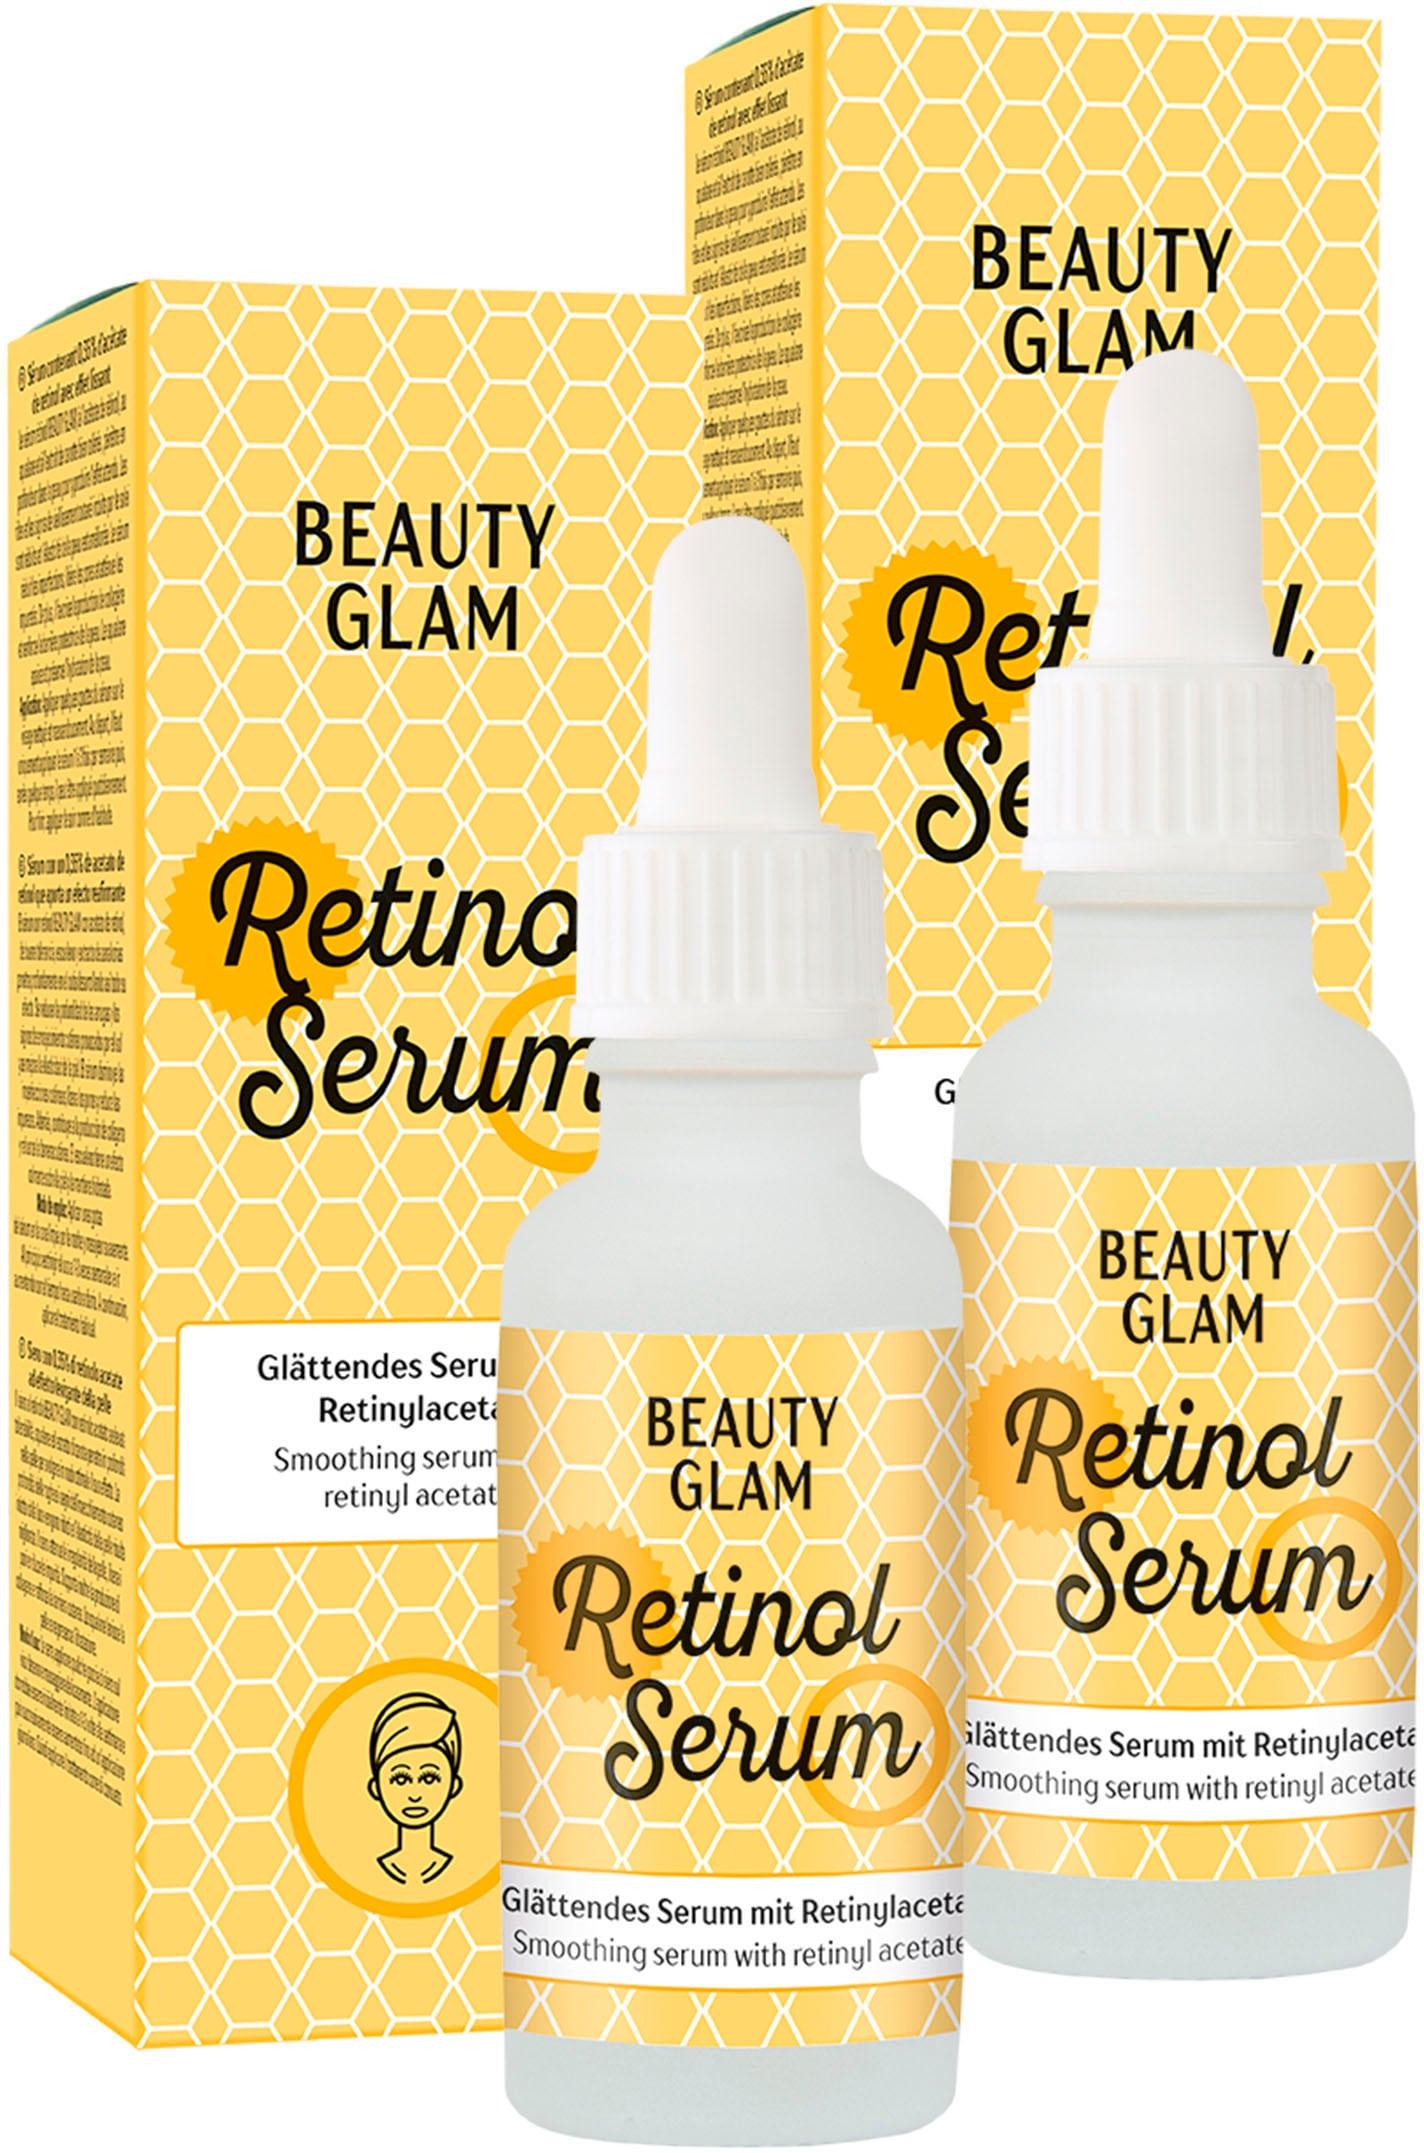 beauty glam -  Gesichtspflege-Set Retinol Serum, (2 tlg.)